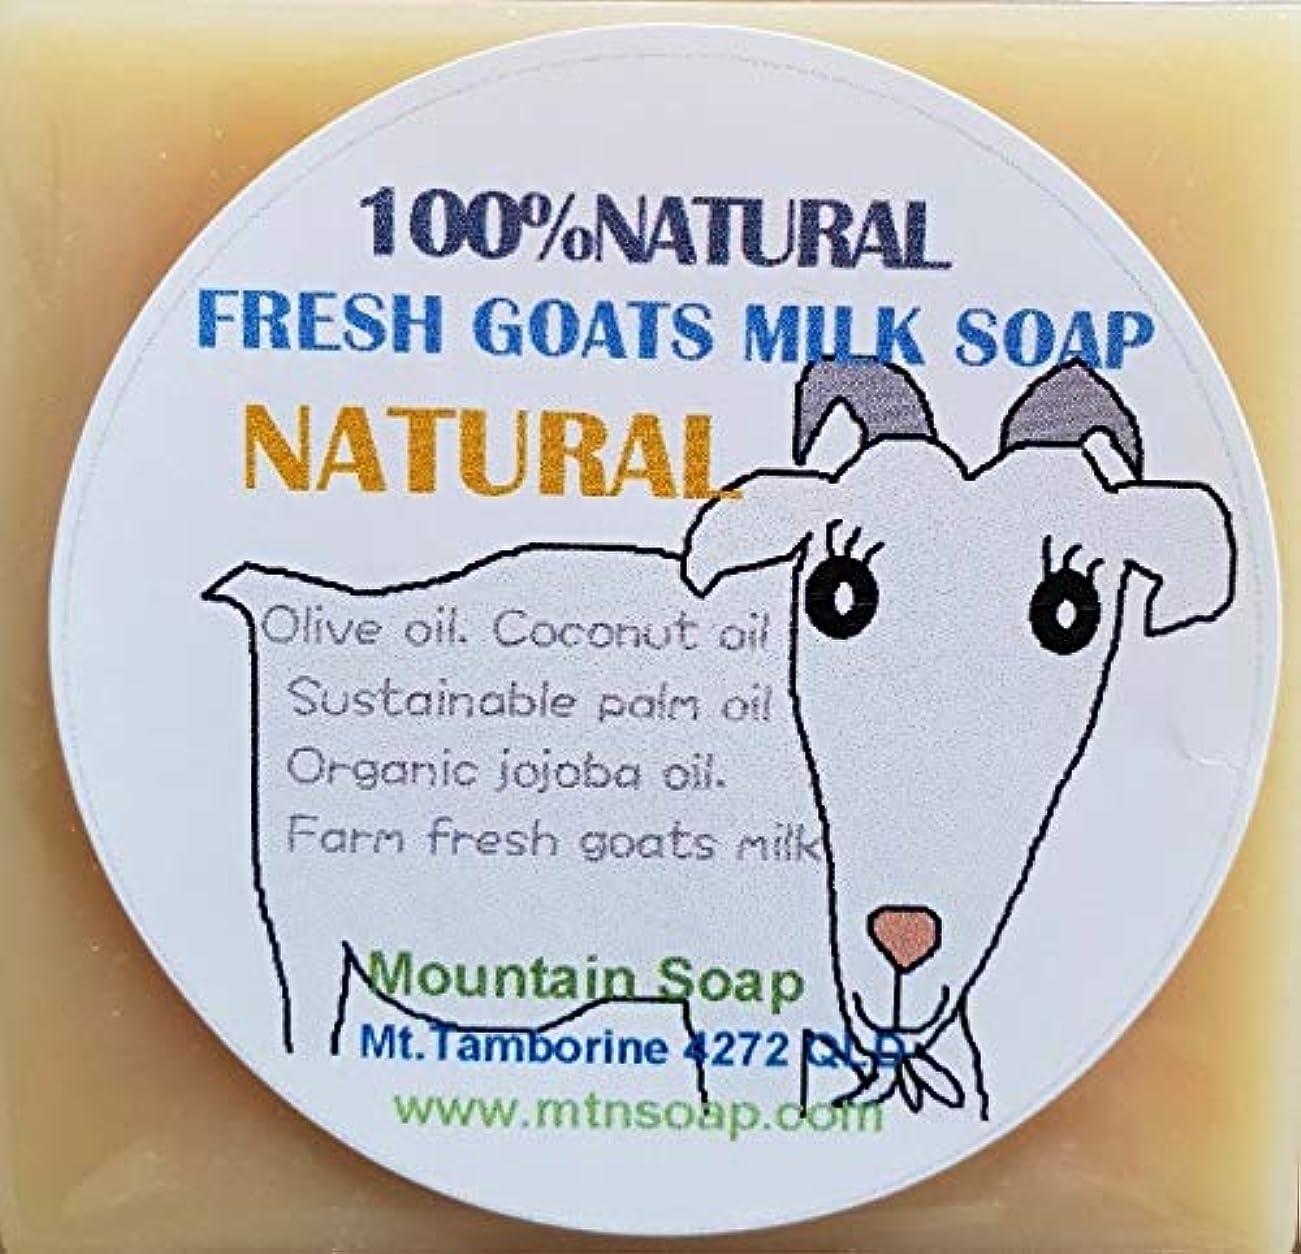 部感謝正義【Mountain Soap】マウンテンソープ 農場直送絞りたて生乳使用 ゴートミルク石鹸 ナチュラル